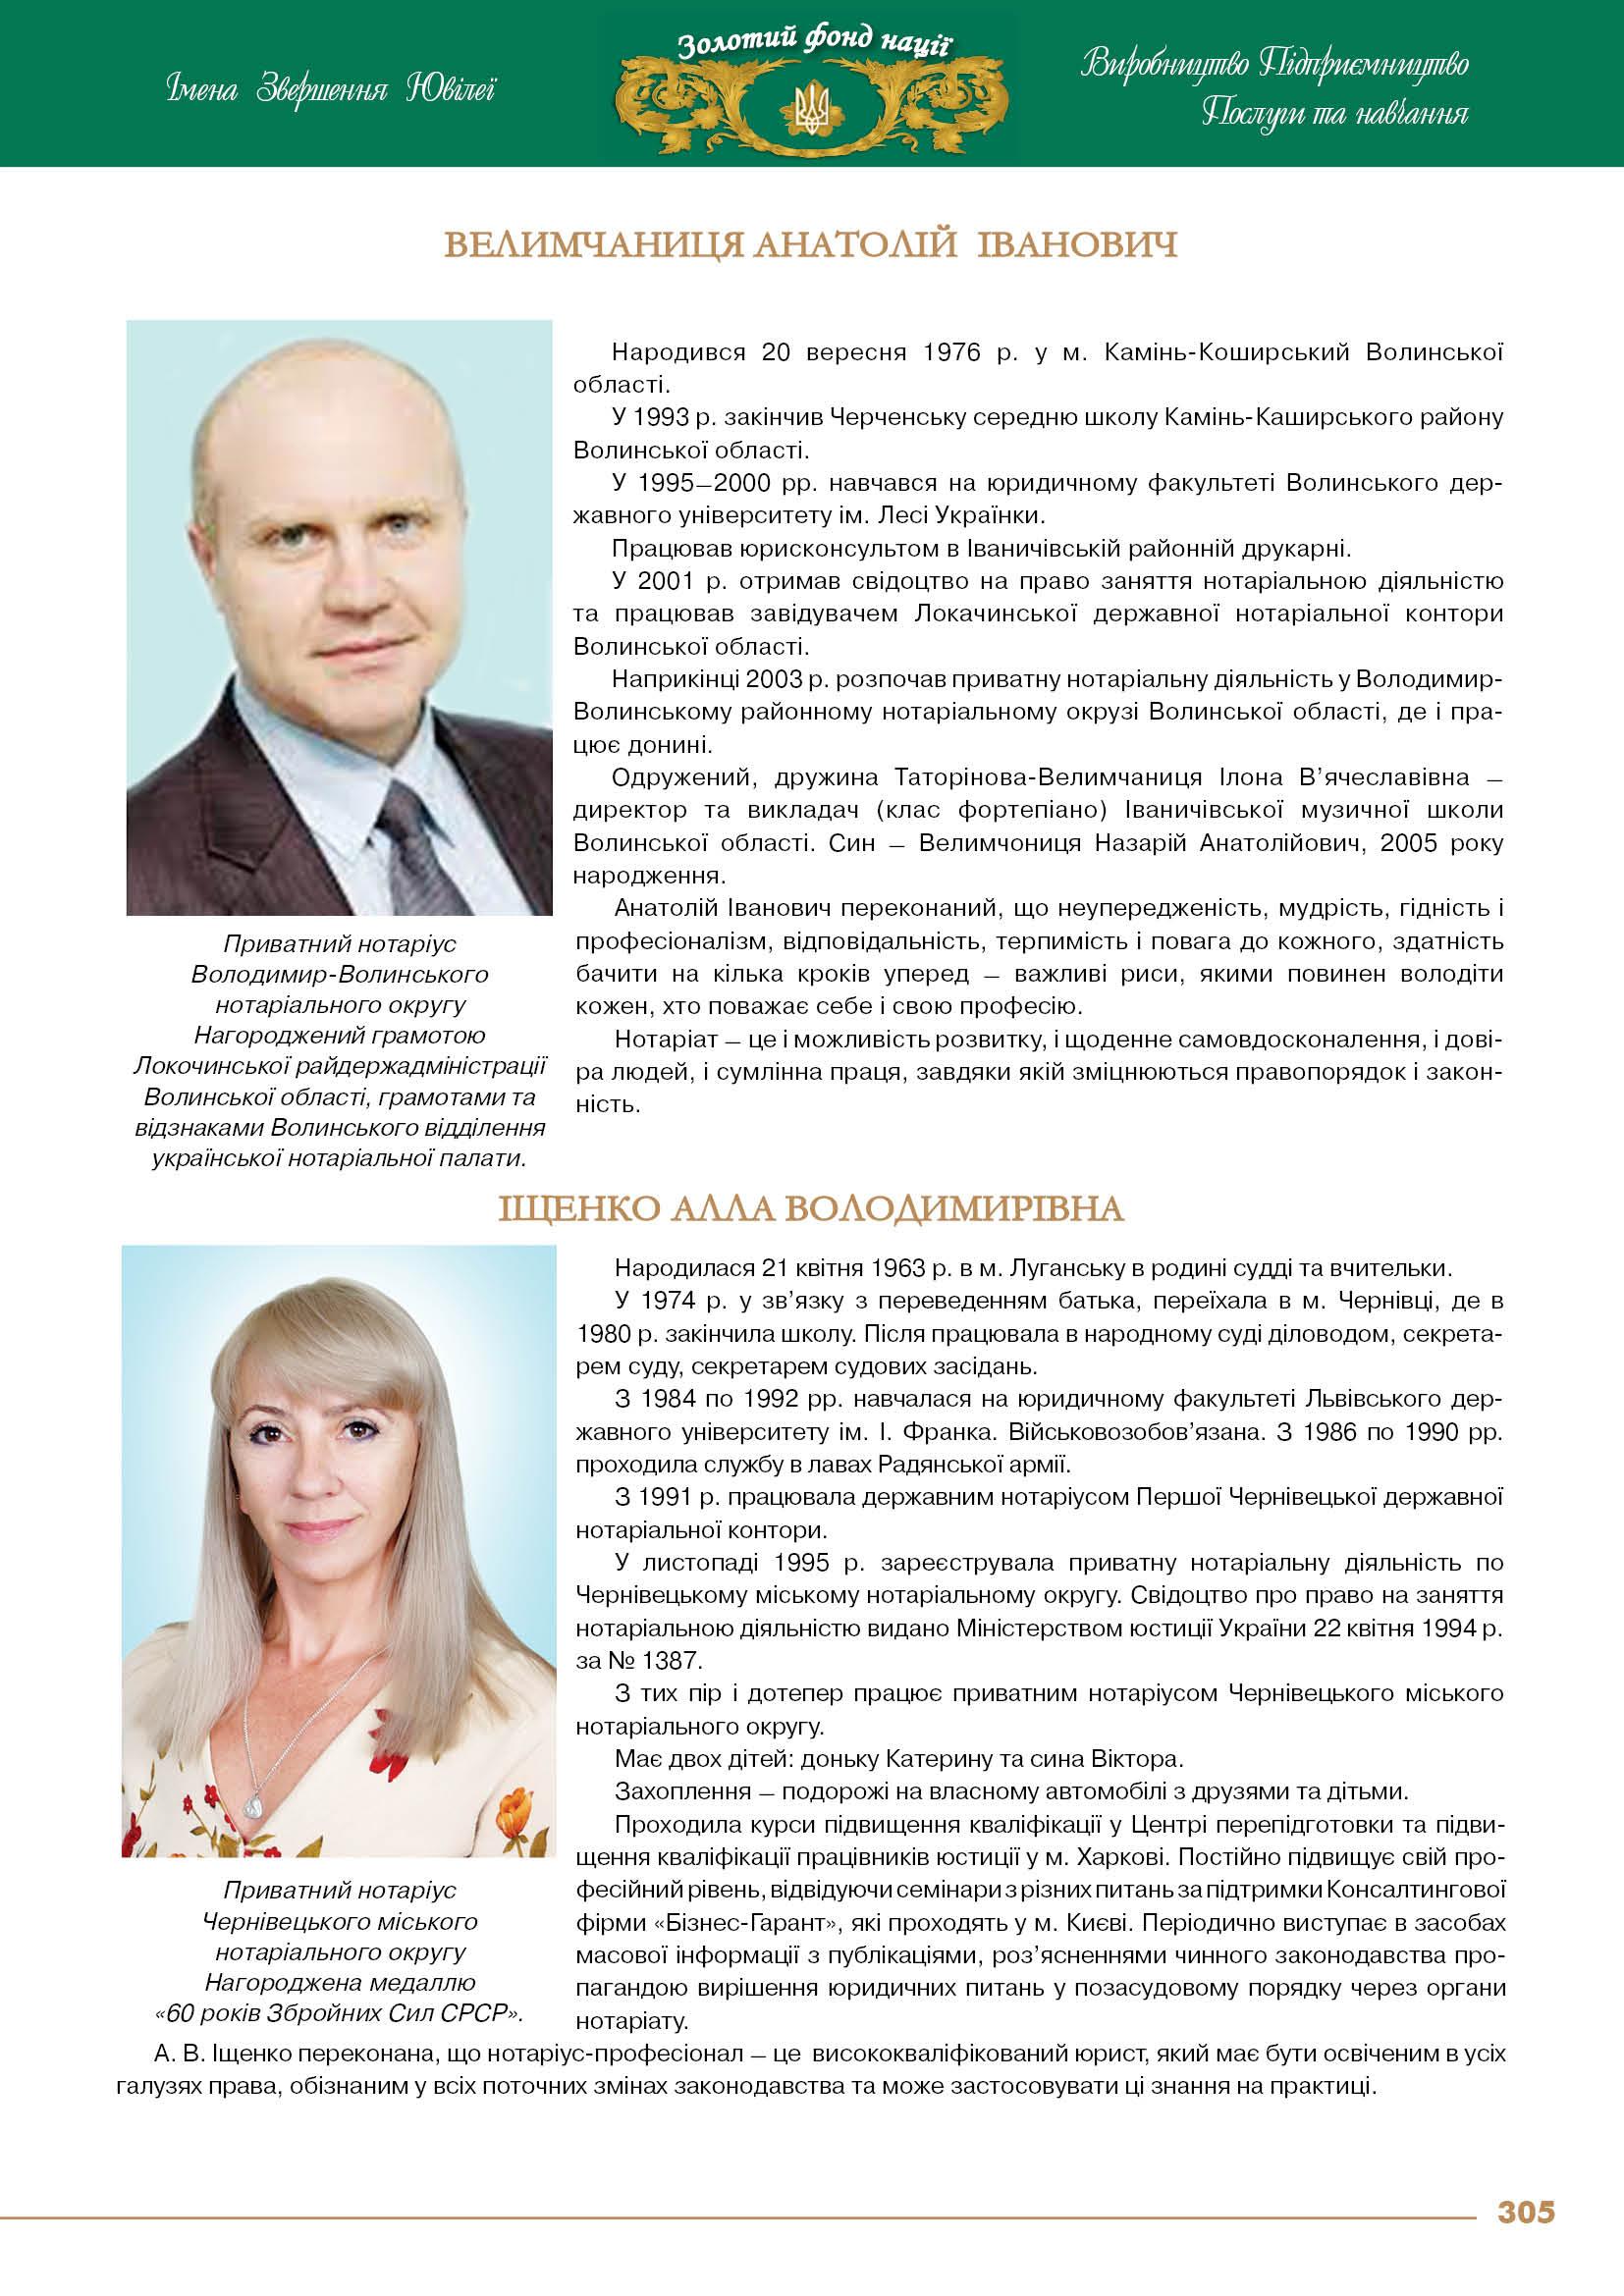 Велимчаниця Анатолій Іванович, Іщенко Алла Володимирівна